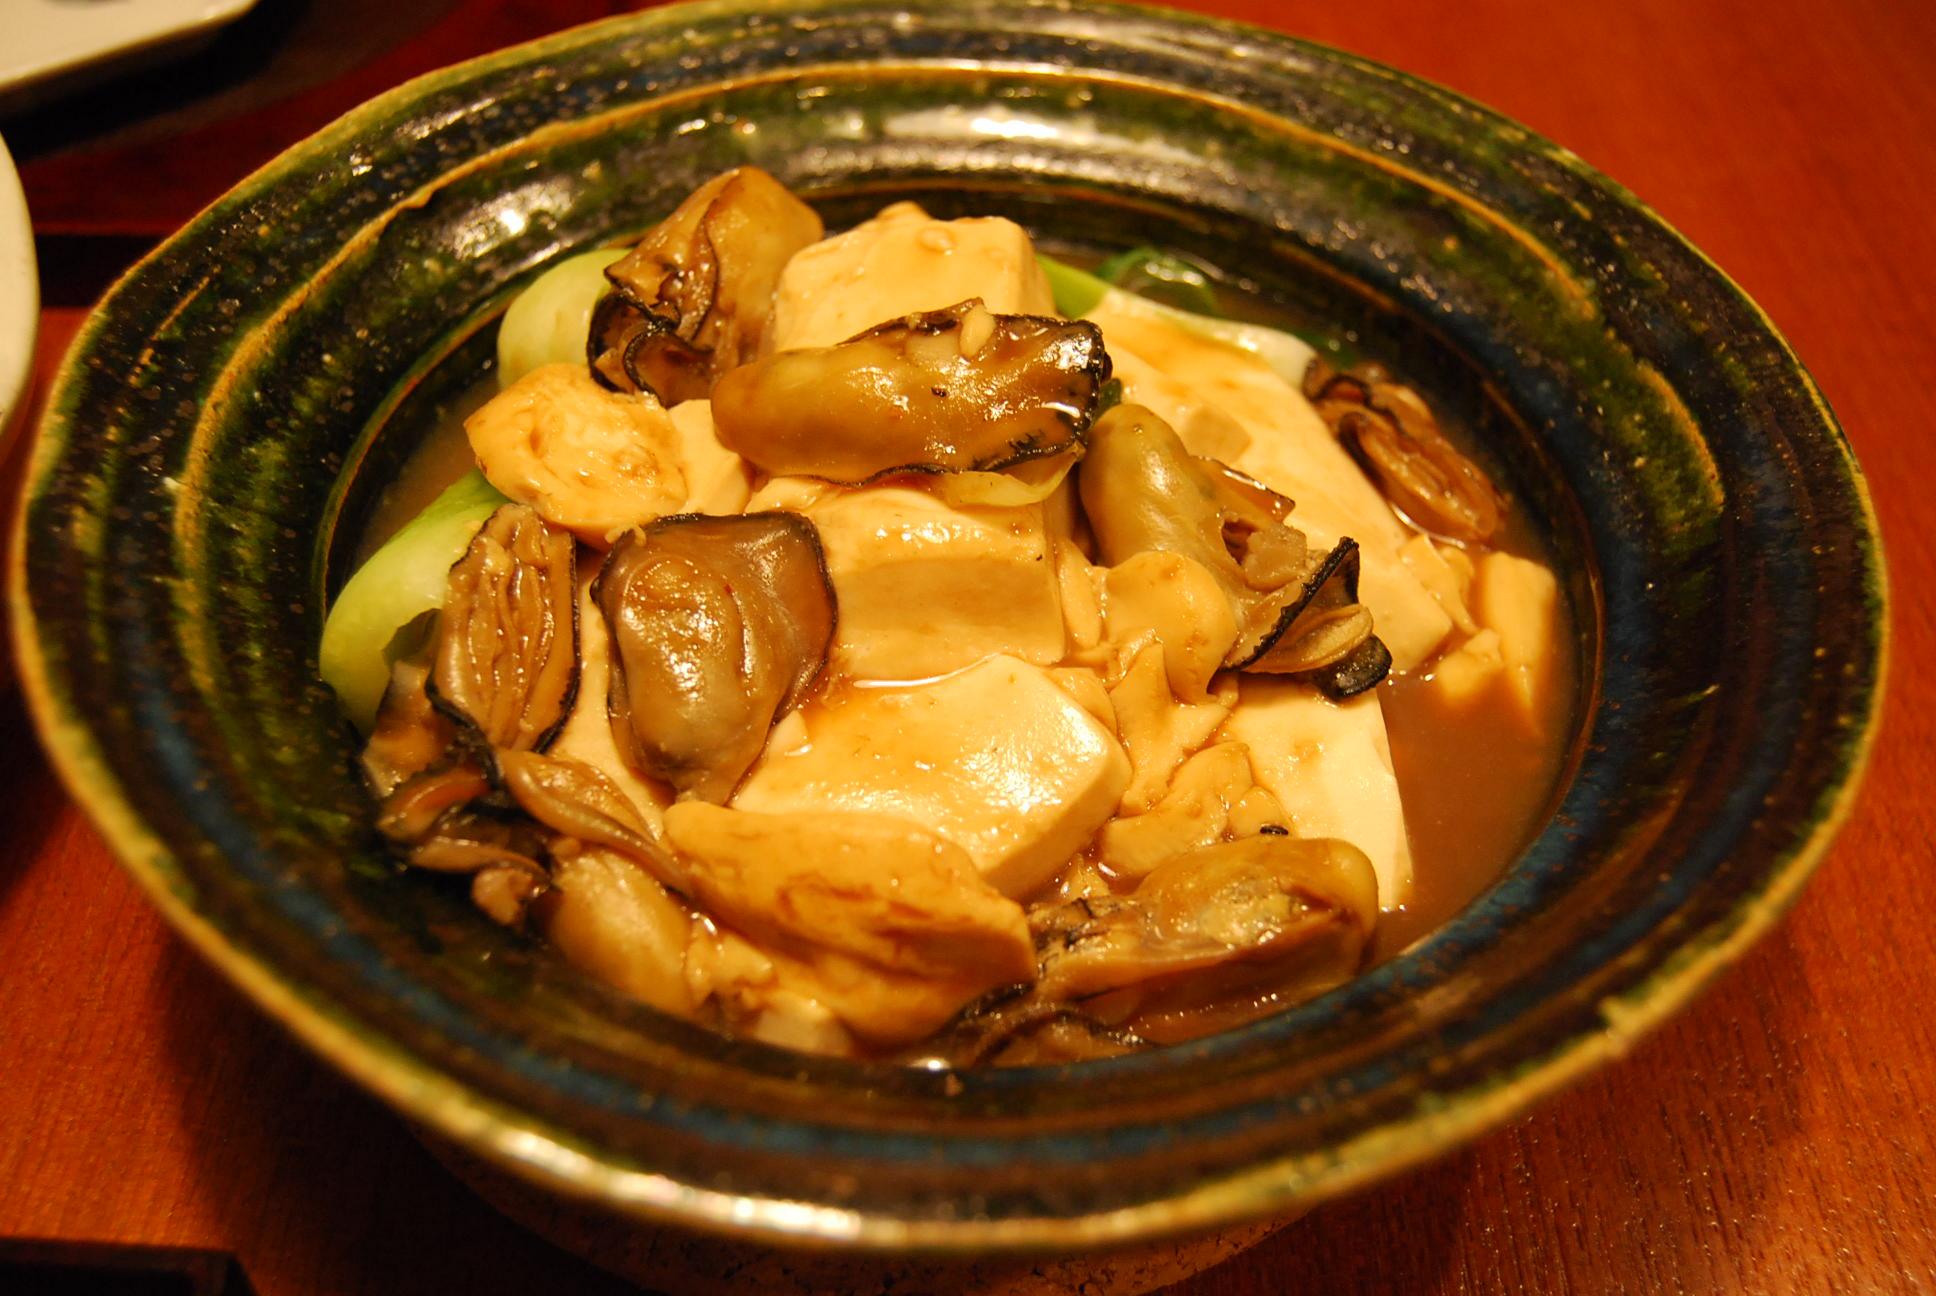 牡蠣と豆腐のオイスターソース煮込み_e0142956_10575388.jpg